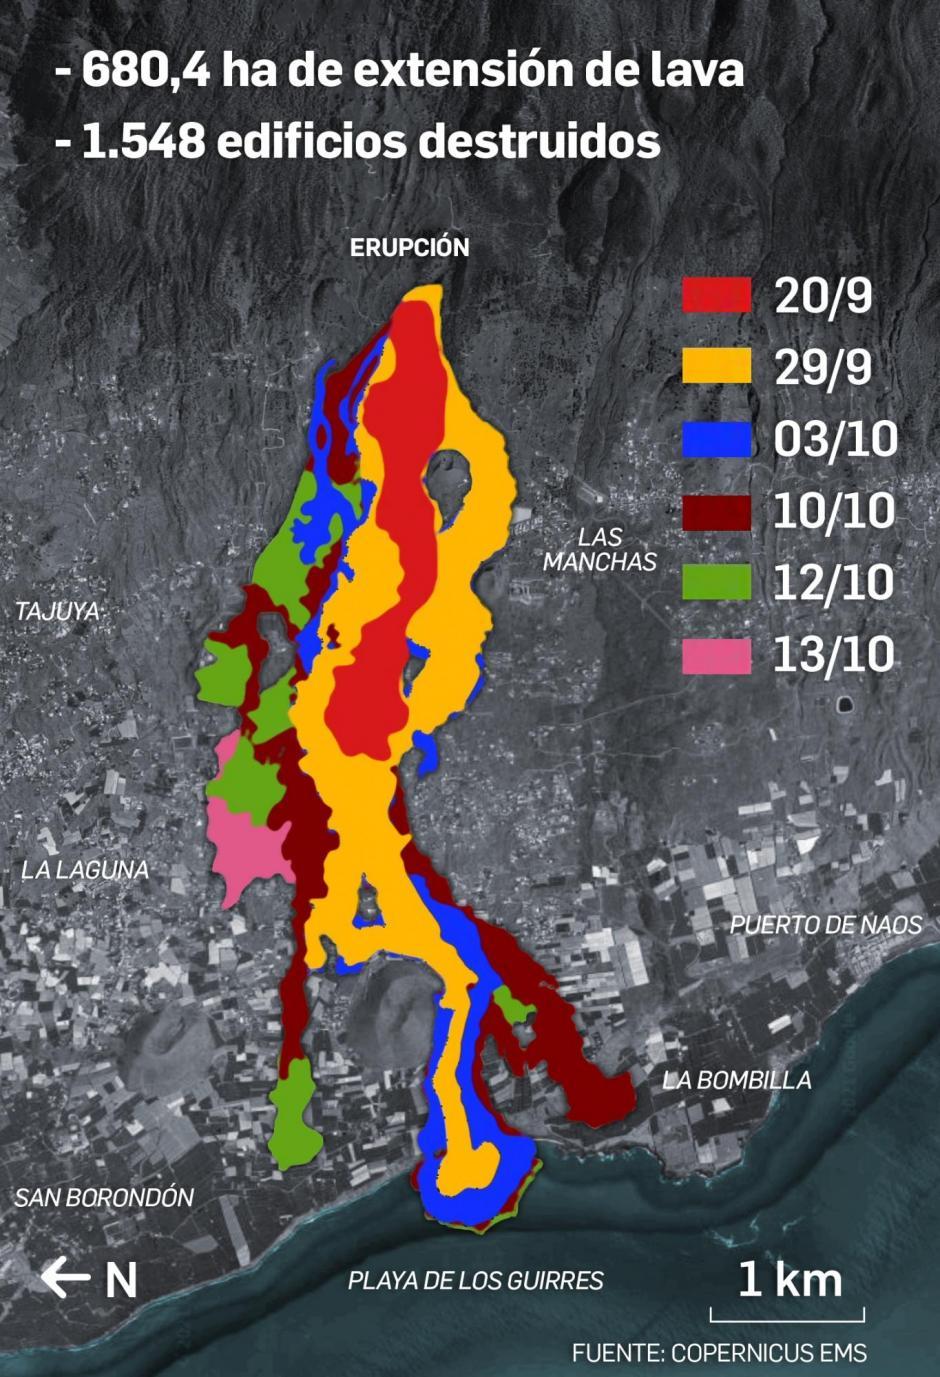 Gráfico que ilustra el avance de la lava con datos de la madrugada de este jueves